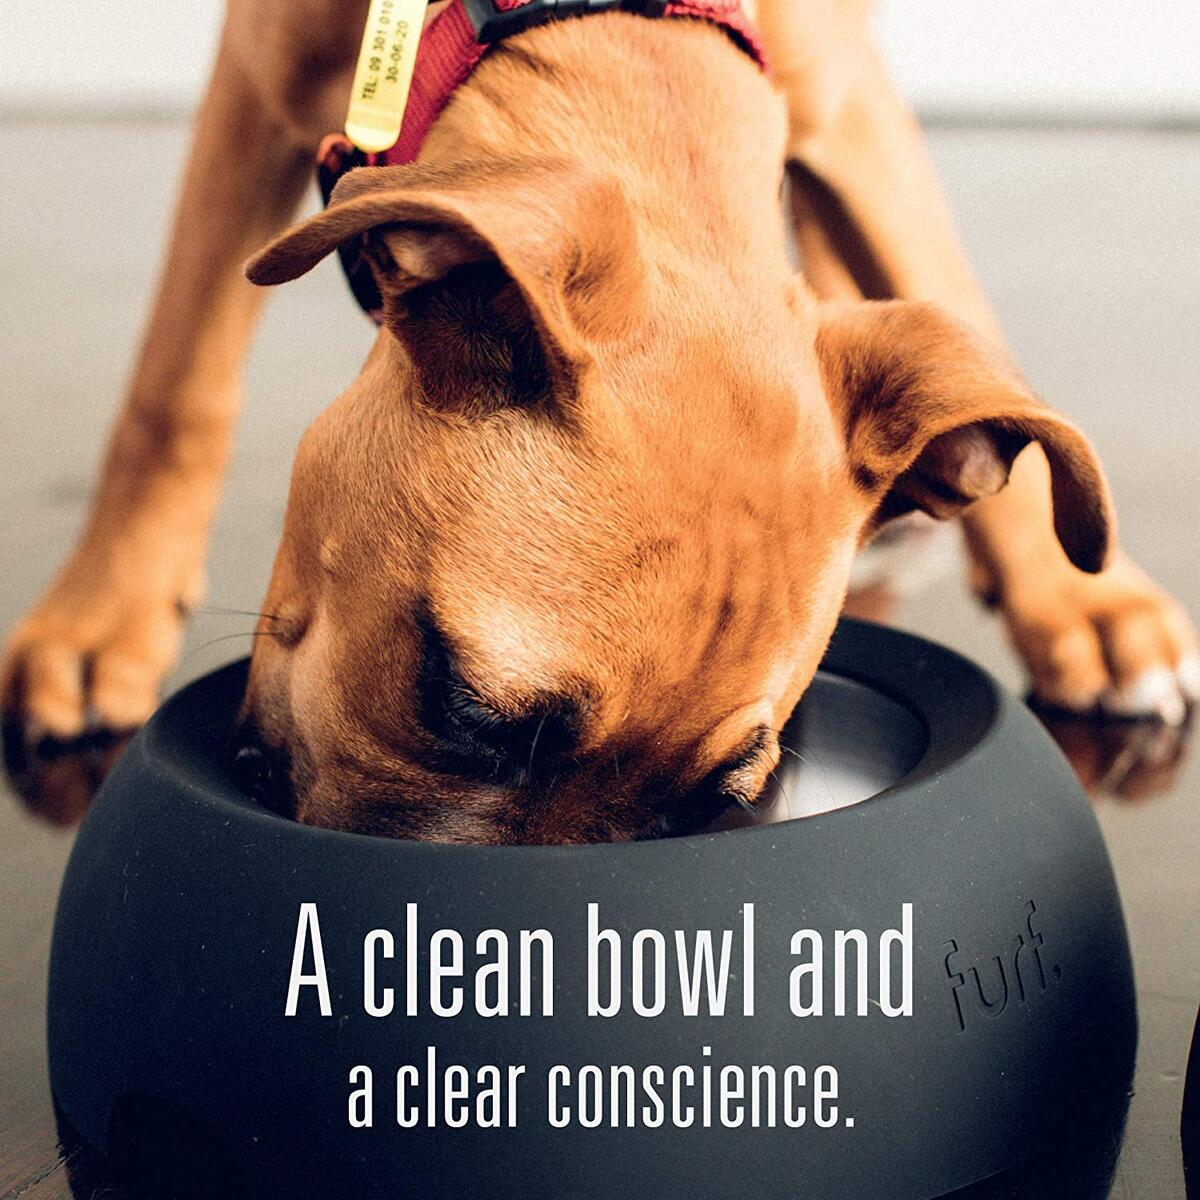 Meat Mates BPA-Free & Gelatin-Free Canned Dog Food